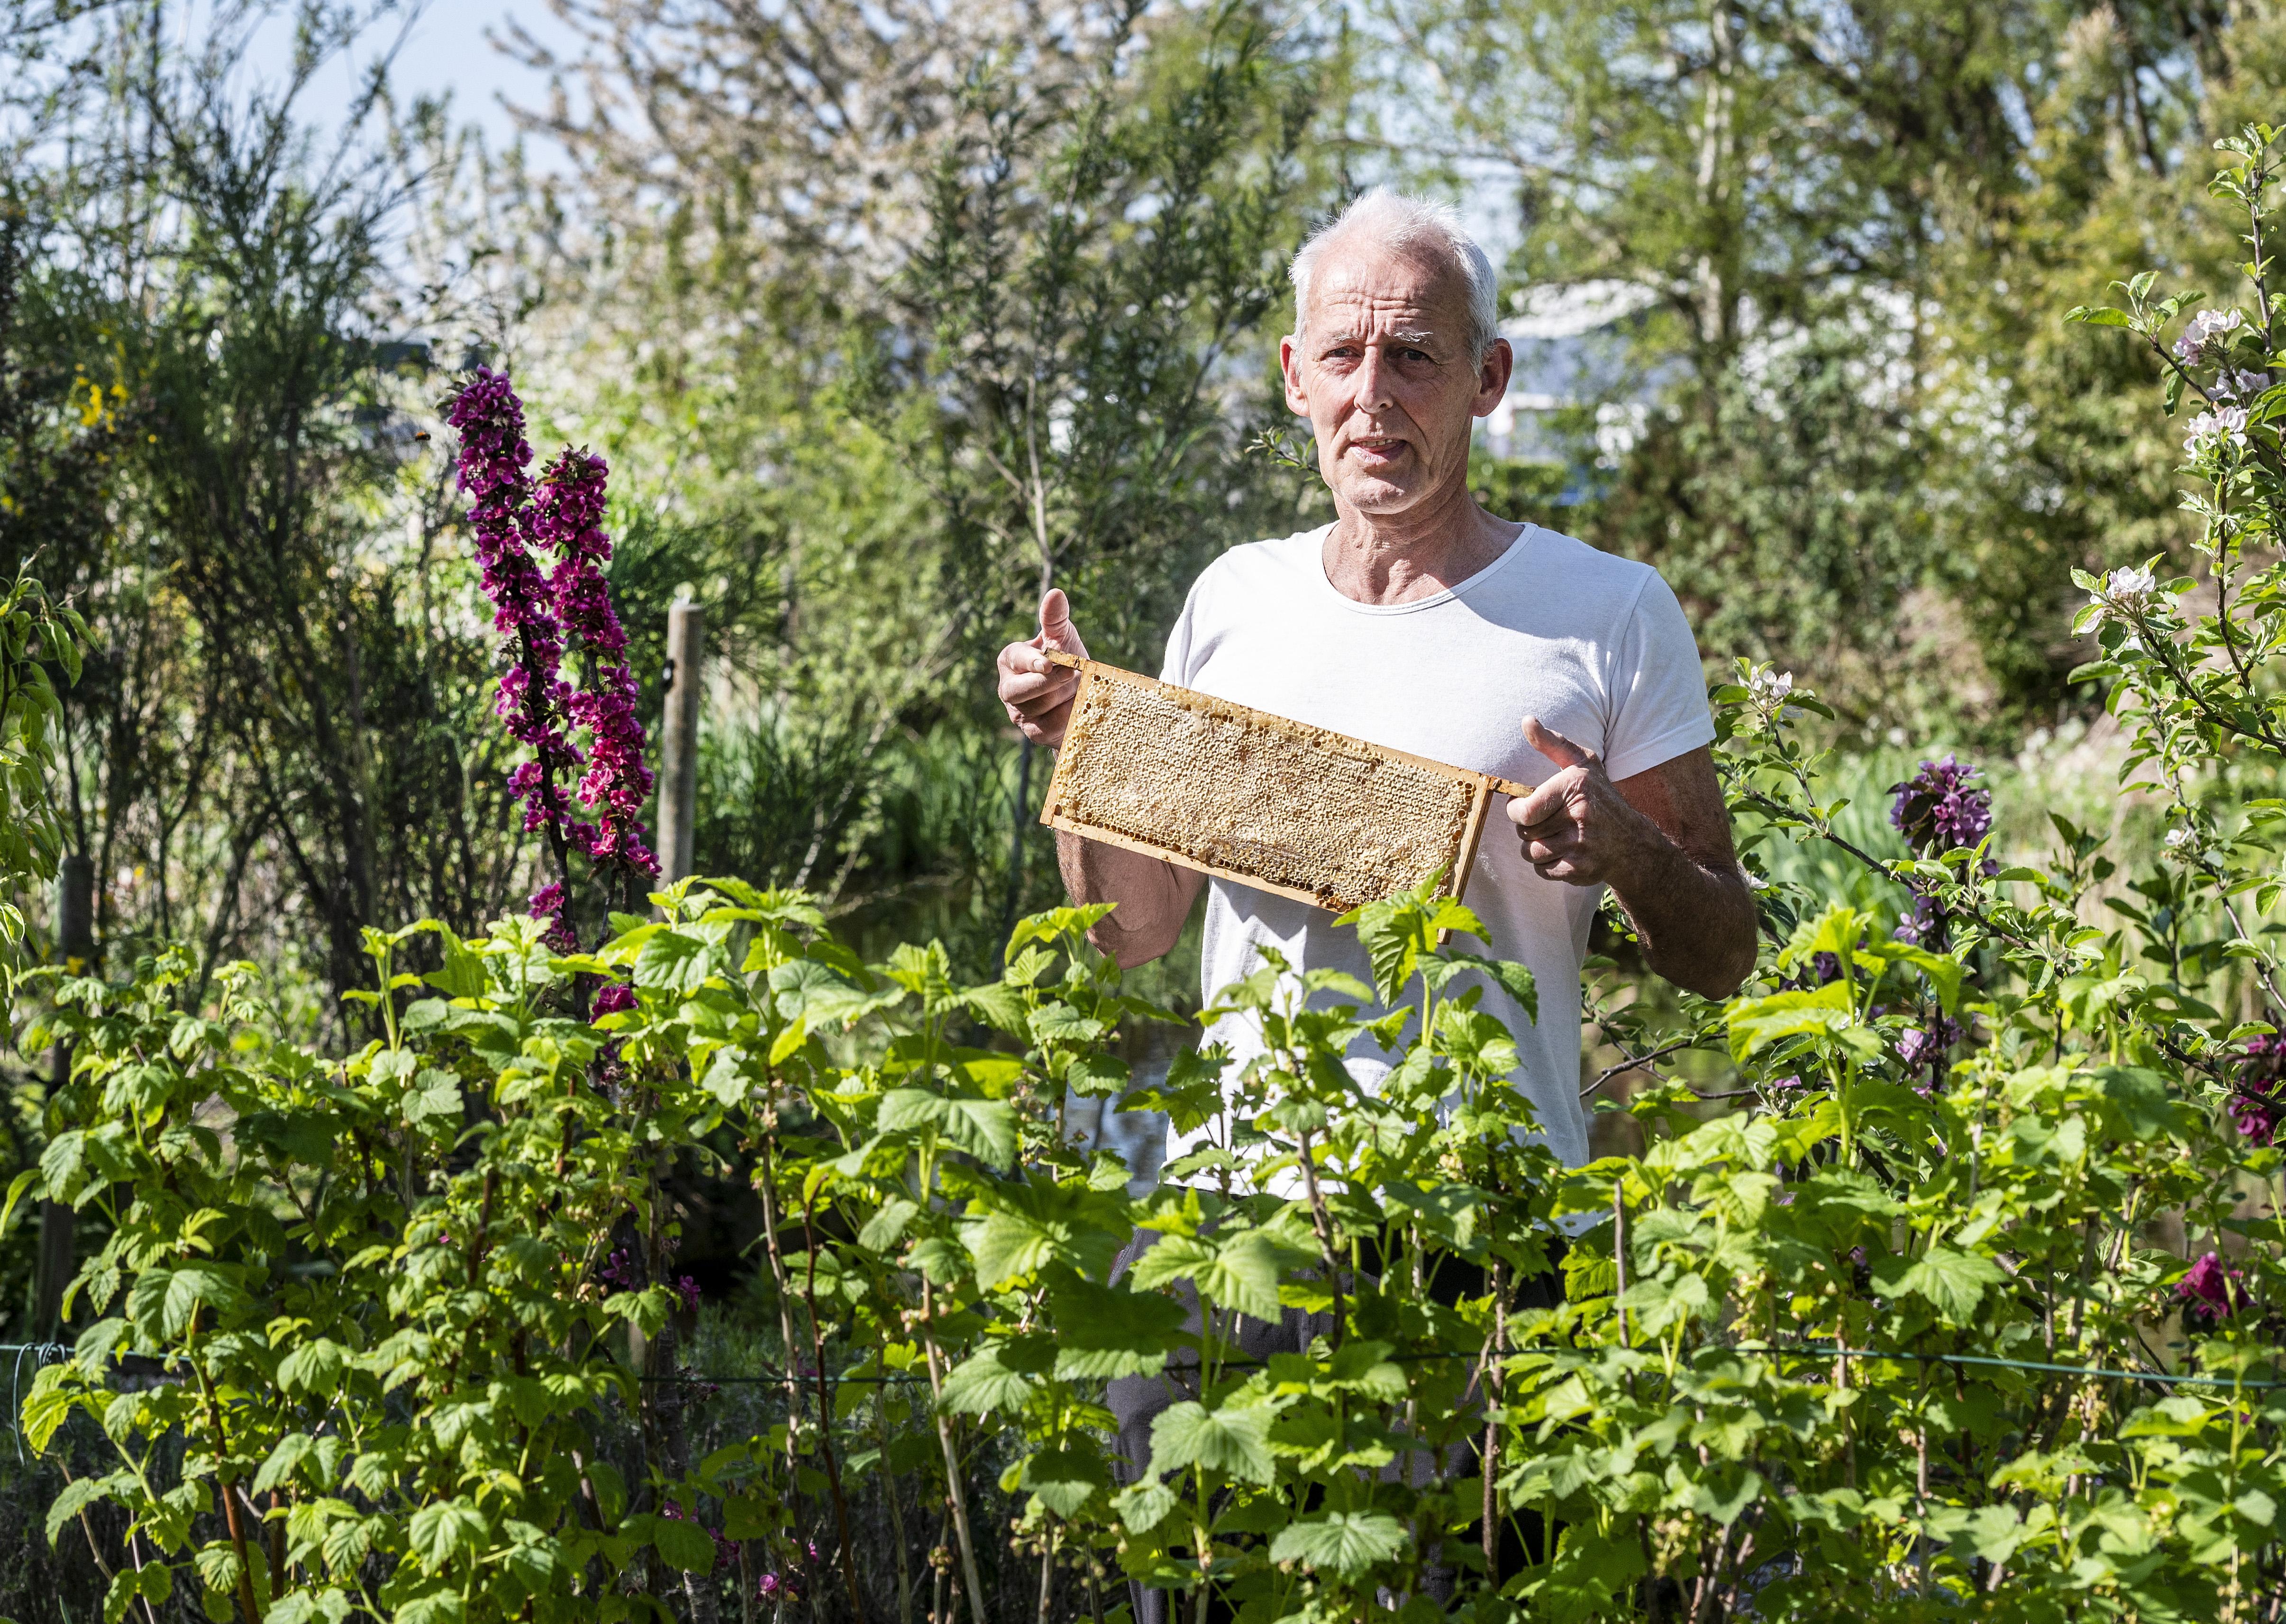 Bijenplantjes voor een prikkie tijdens Zaaidagen: Hillegom op weg naar meer bijvriendelijkheid